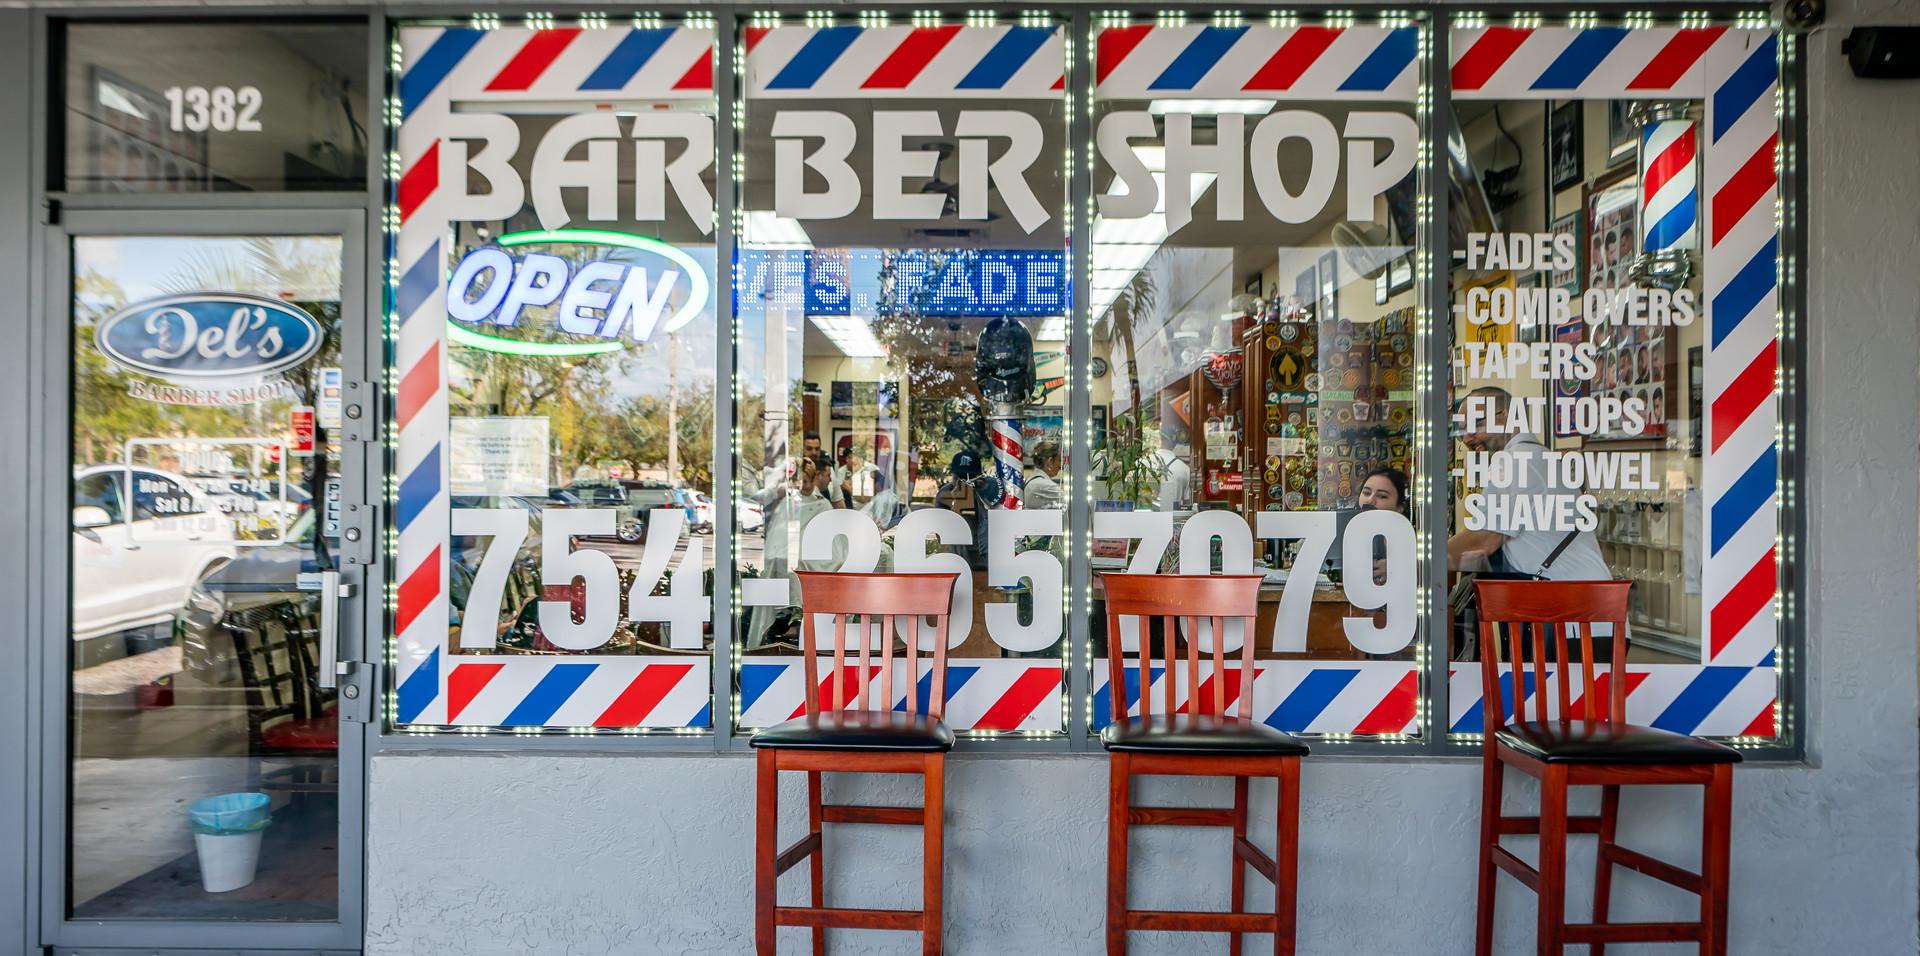 Del's Barber Shop-6.JPG